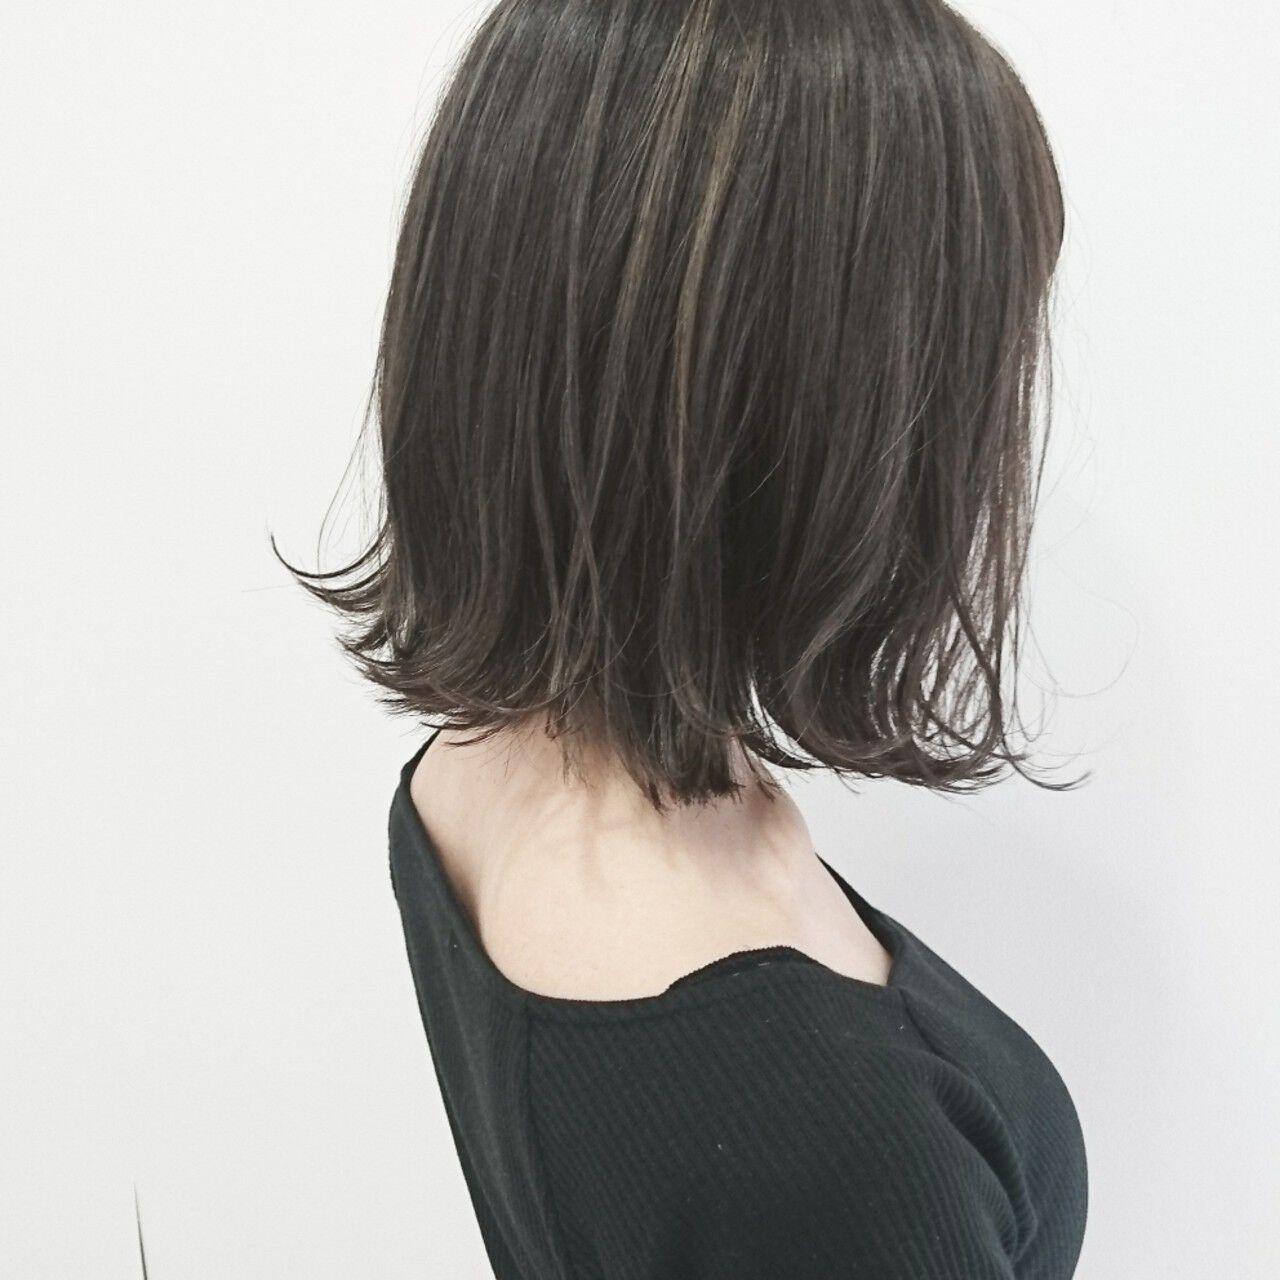 ボブ ハイライト ストリート アッシュグレージュヘアスタイルや髪型の写真・画像